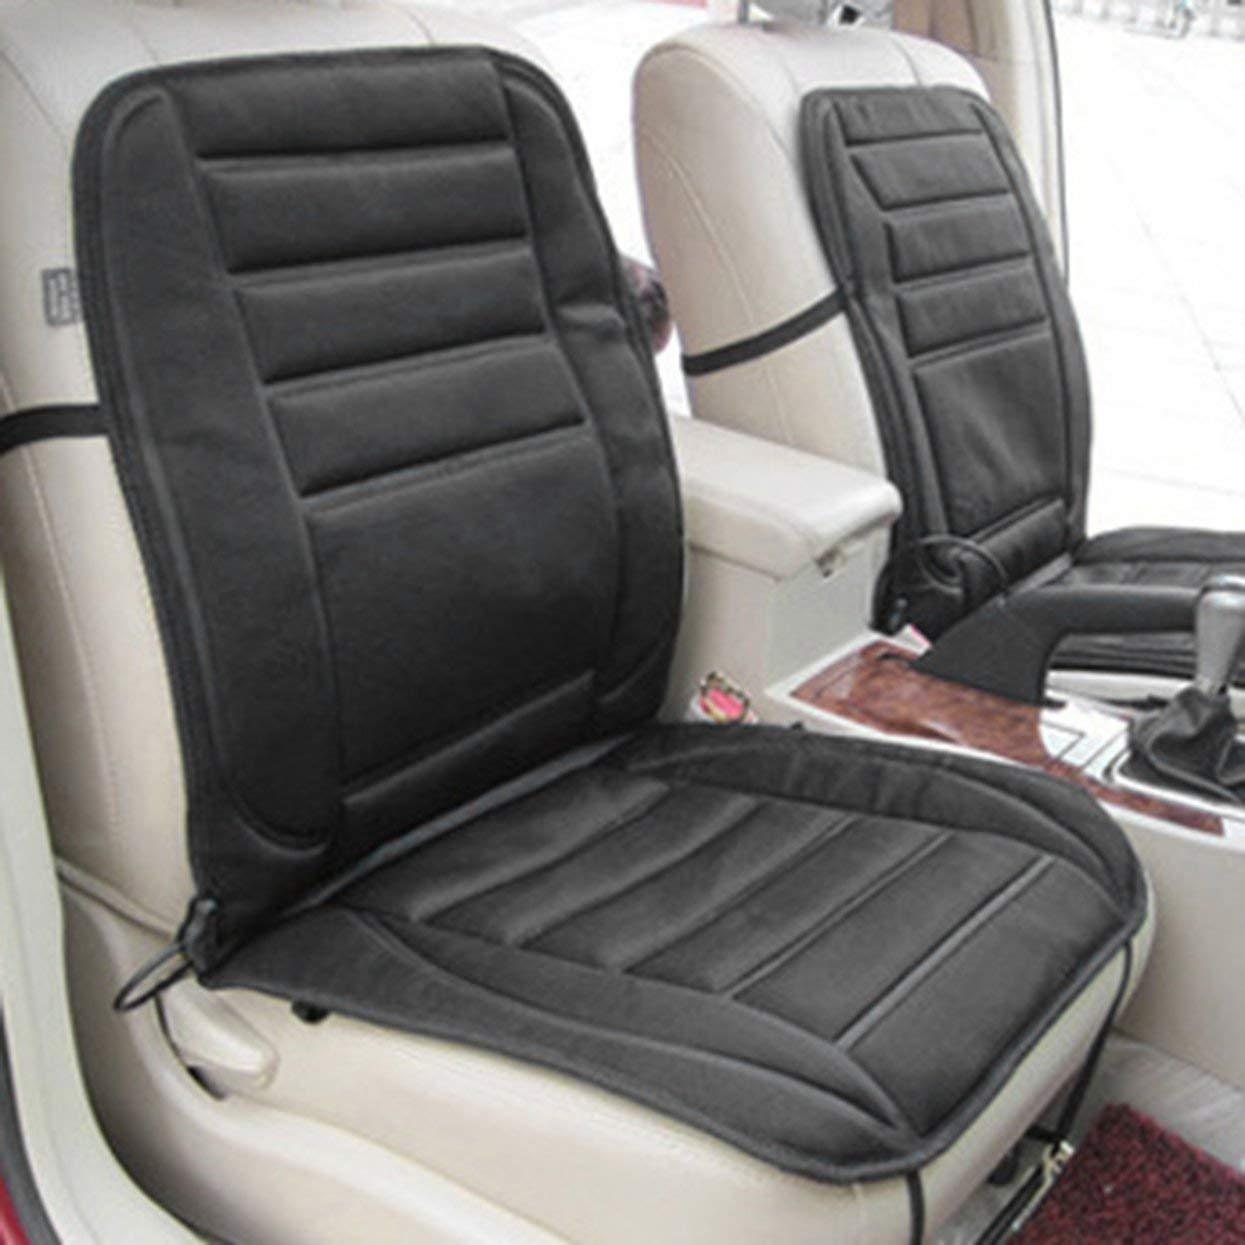 Cuscino Termico per Sedile Invernale LoveOlvidoIT Coprisedili per Auto coprisedile riscaldato per Auto scaldino riscaldato per riscaldatore Riscaldamento Universale per seggiolino Auto 12V